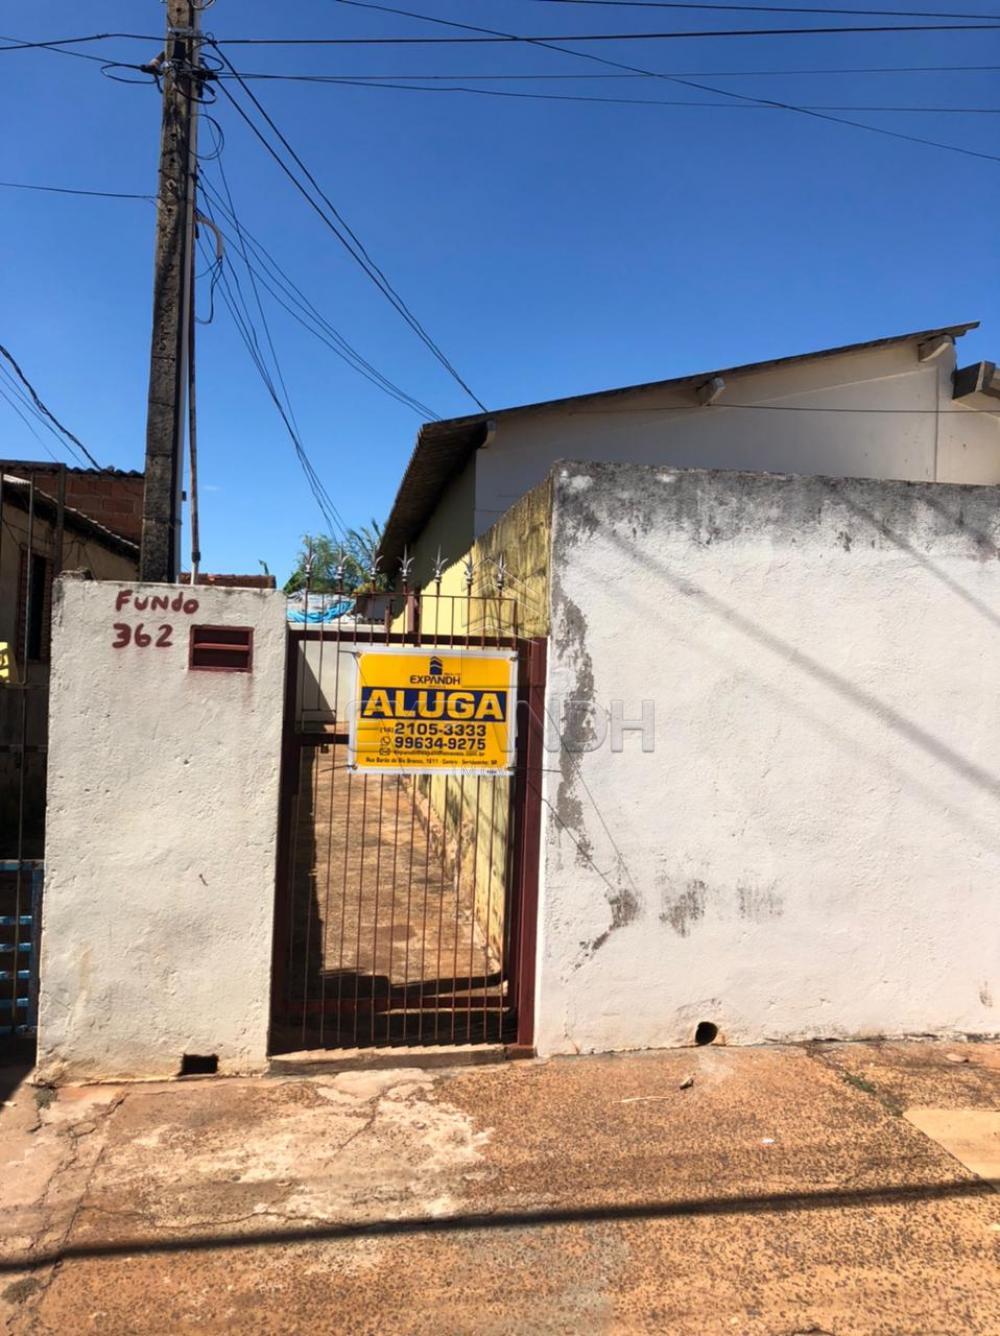 Alugar Casas / Padrão em Sertãozinho R$ 505,00 - Foto 1